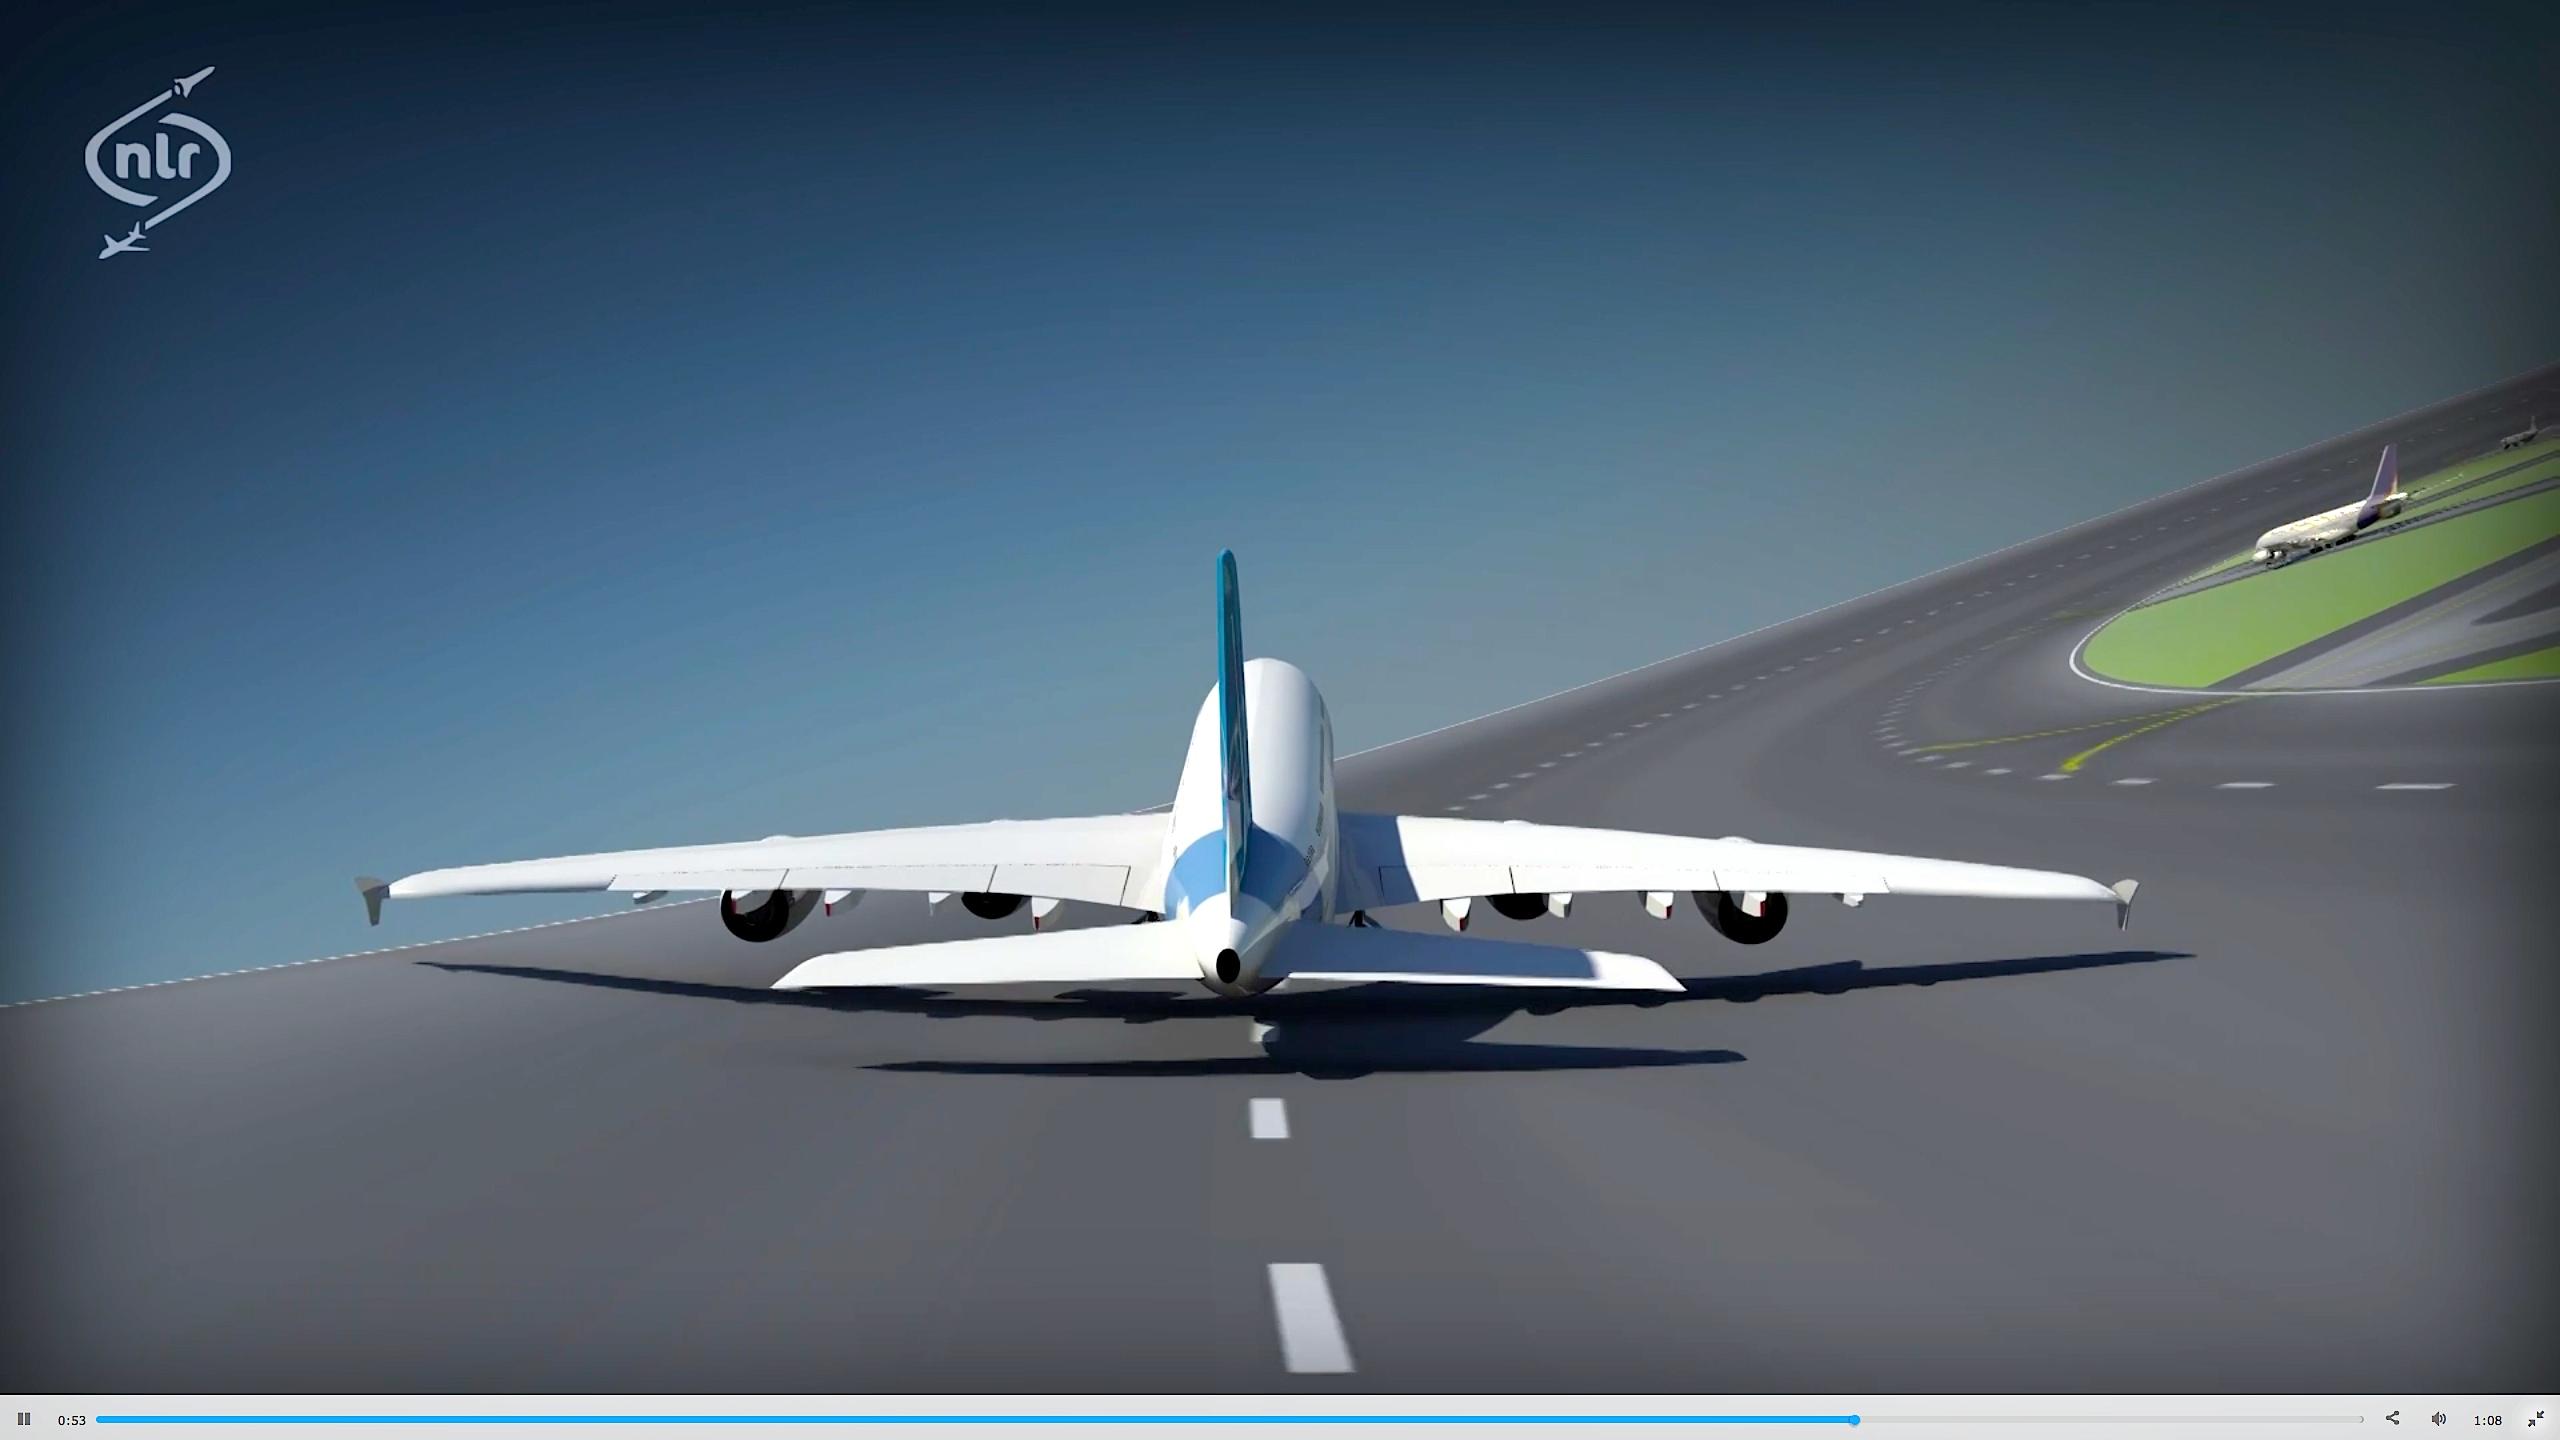 Derzeit simulieren die niederländischen Forscher, wie sich der Flugverkehr des Großflughafen Charles de Gaulle auf einem runden Airport bewältigen ließe.